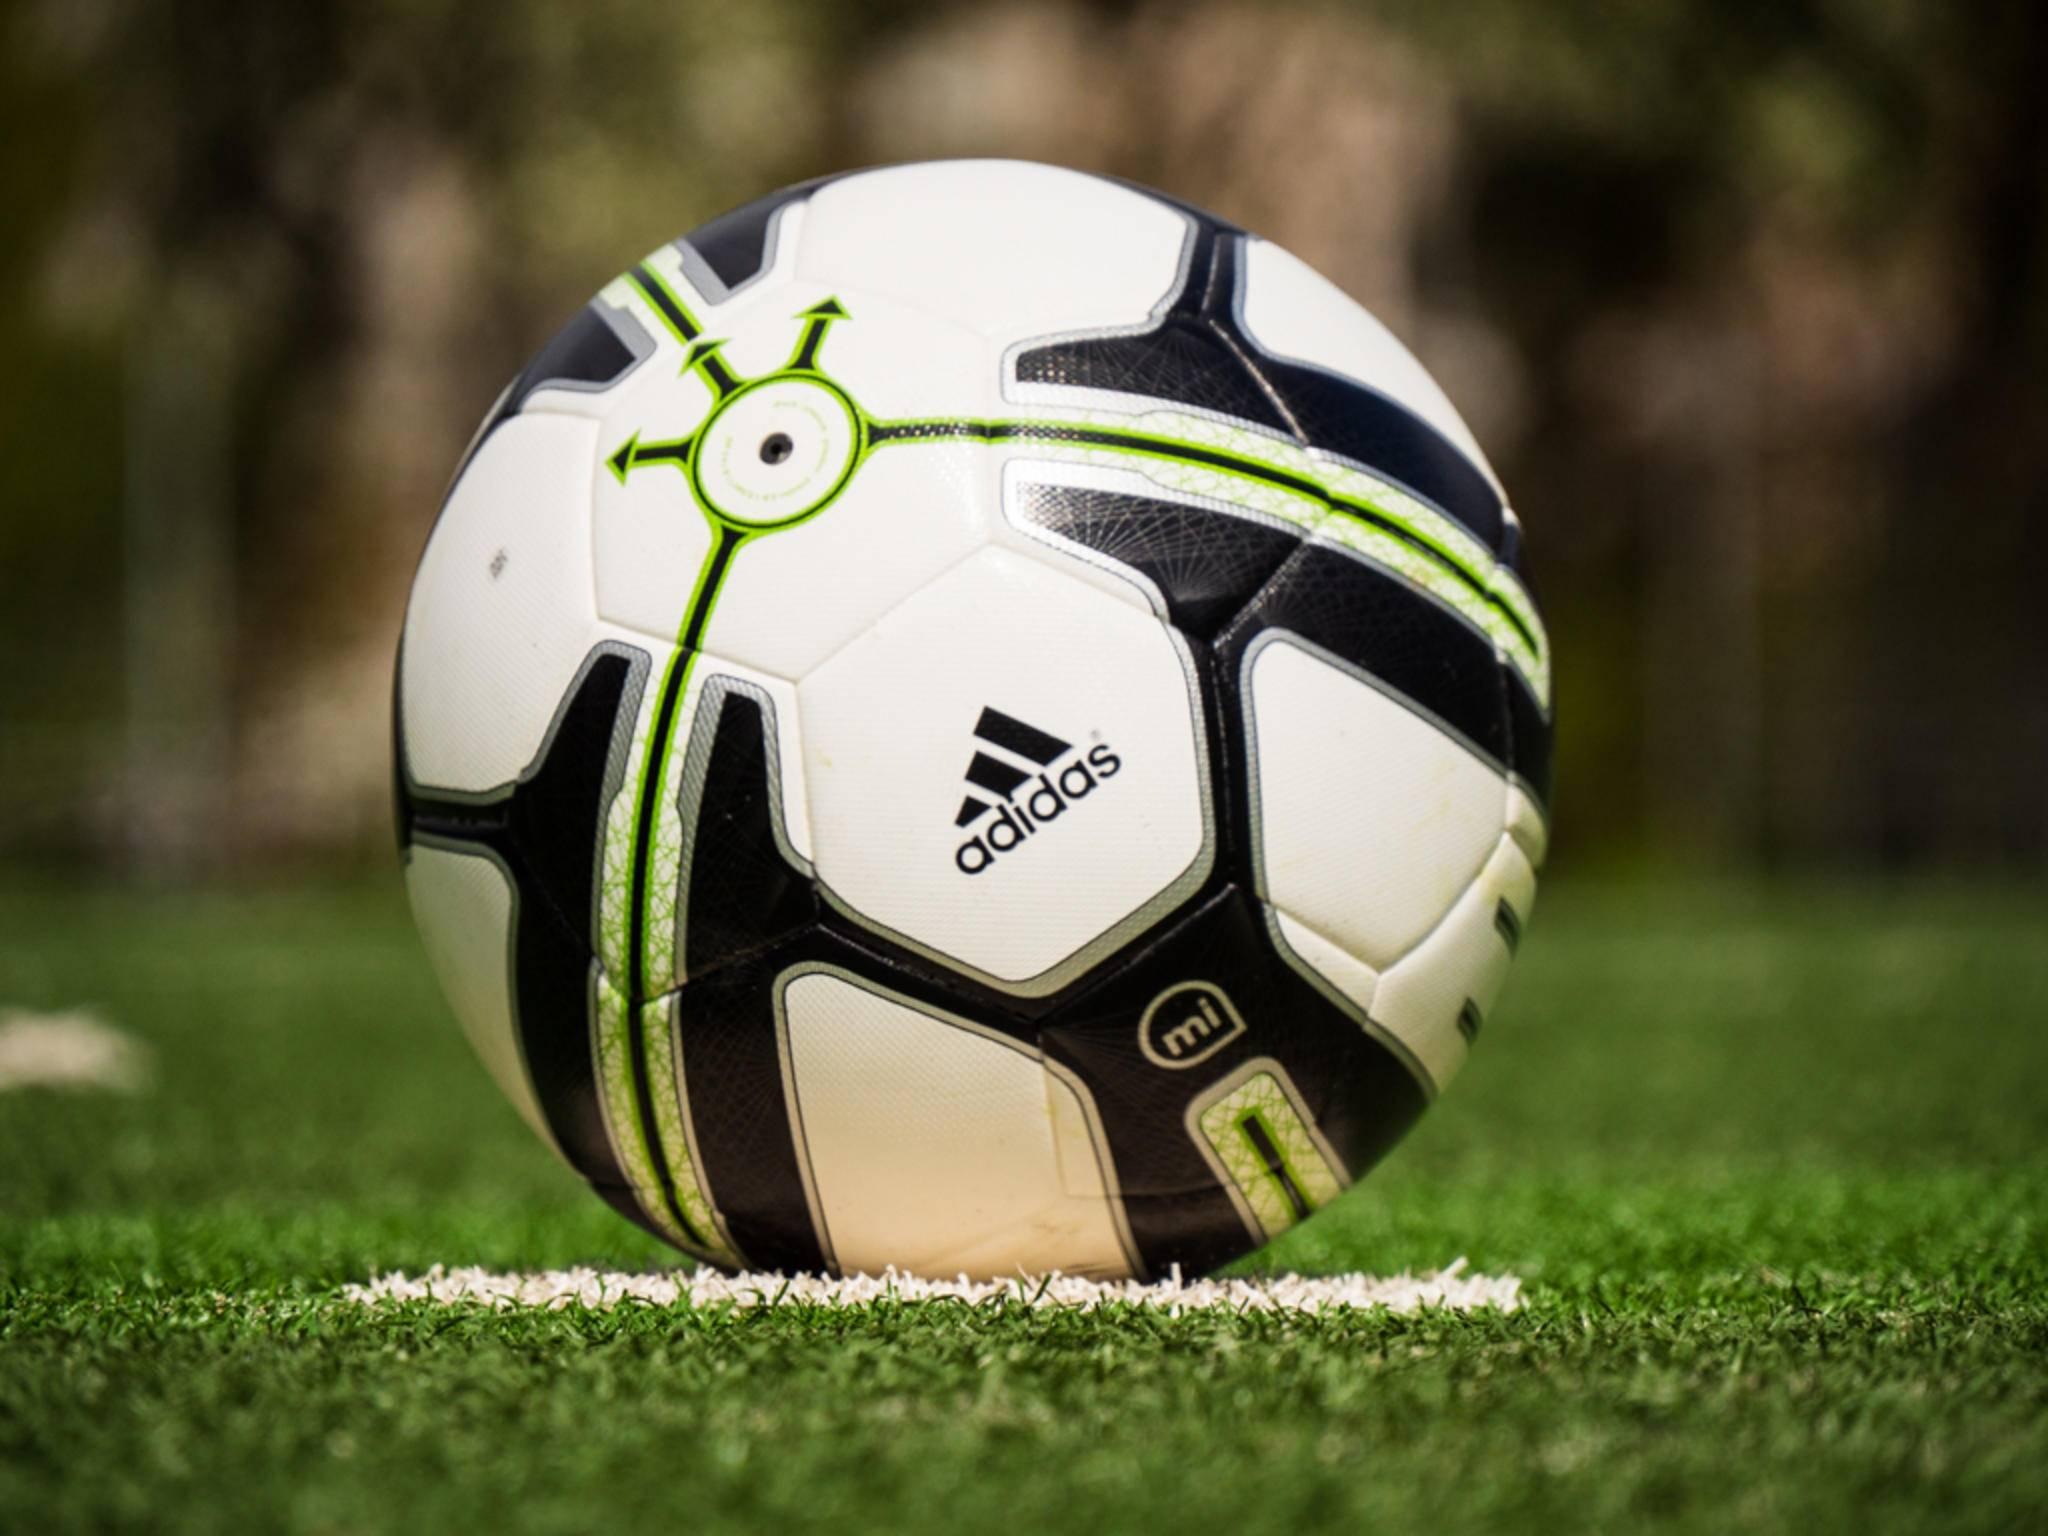 Der miCoach Smart Ball ist so groß und so schwer wie ein gewöhnlicher Fußball.